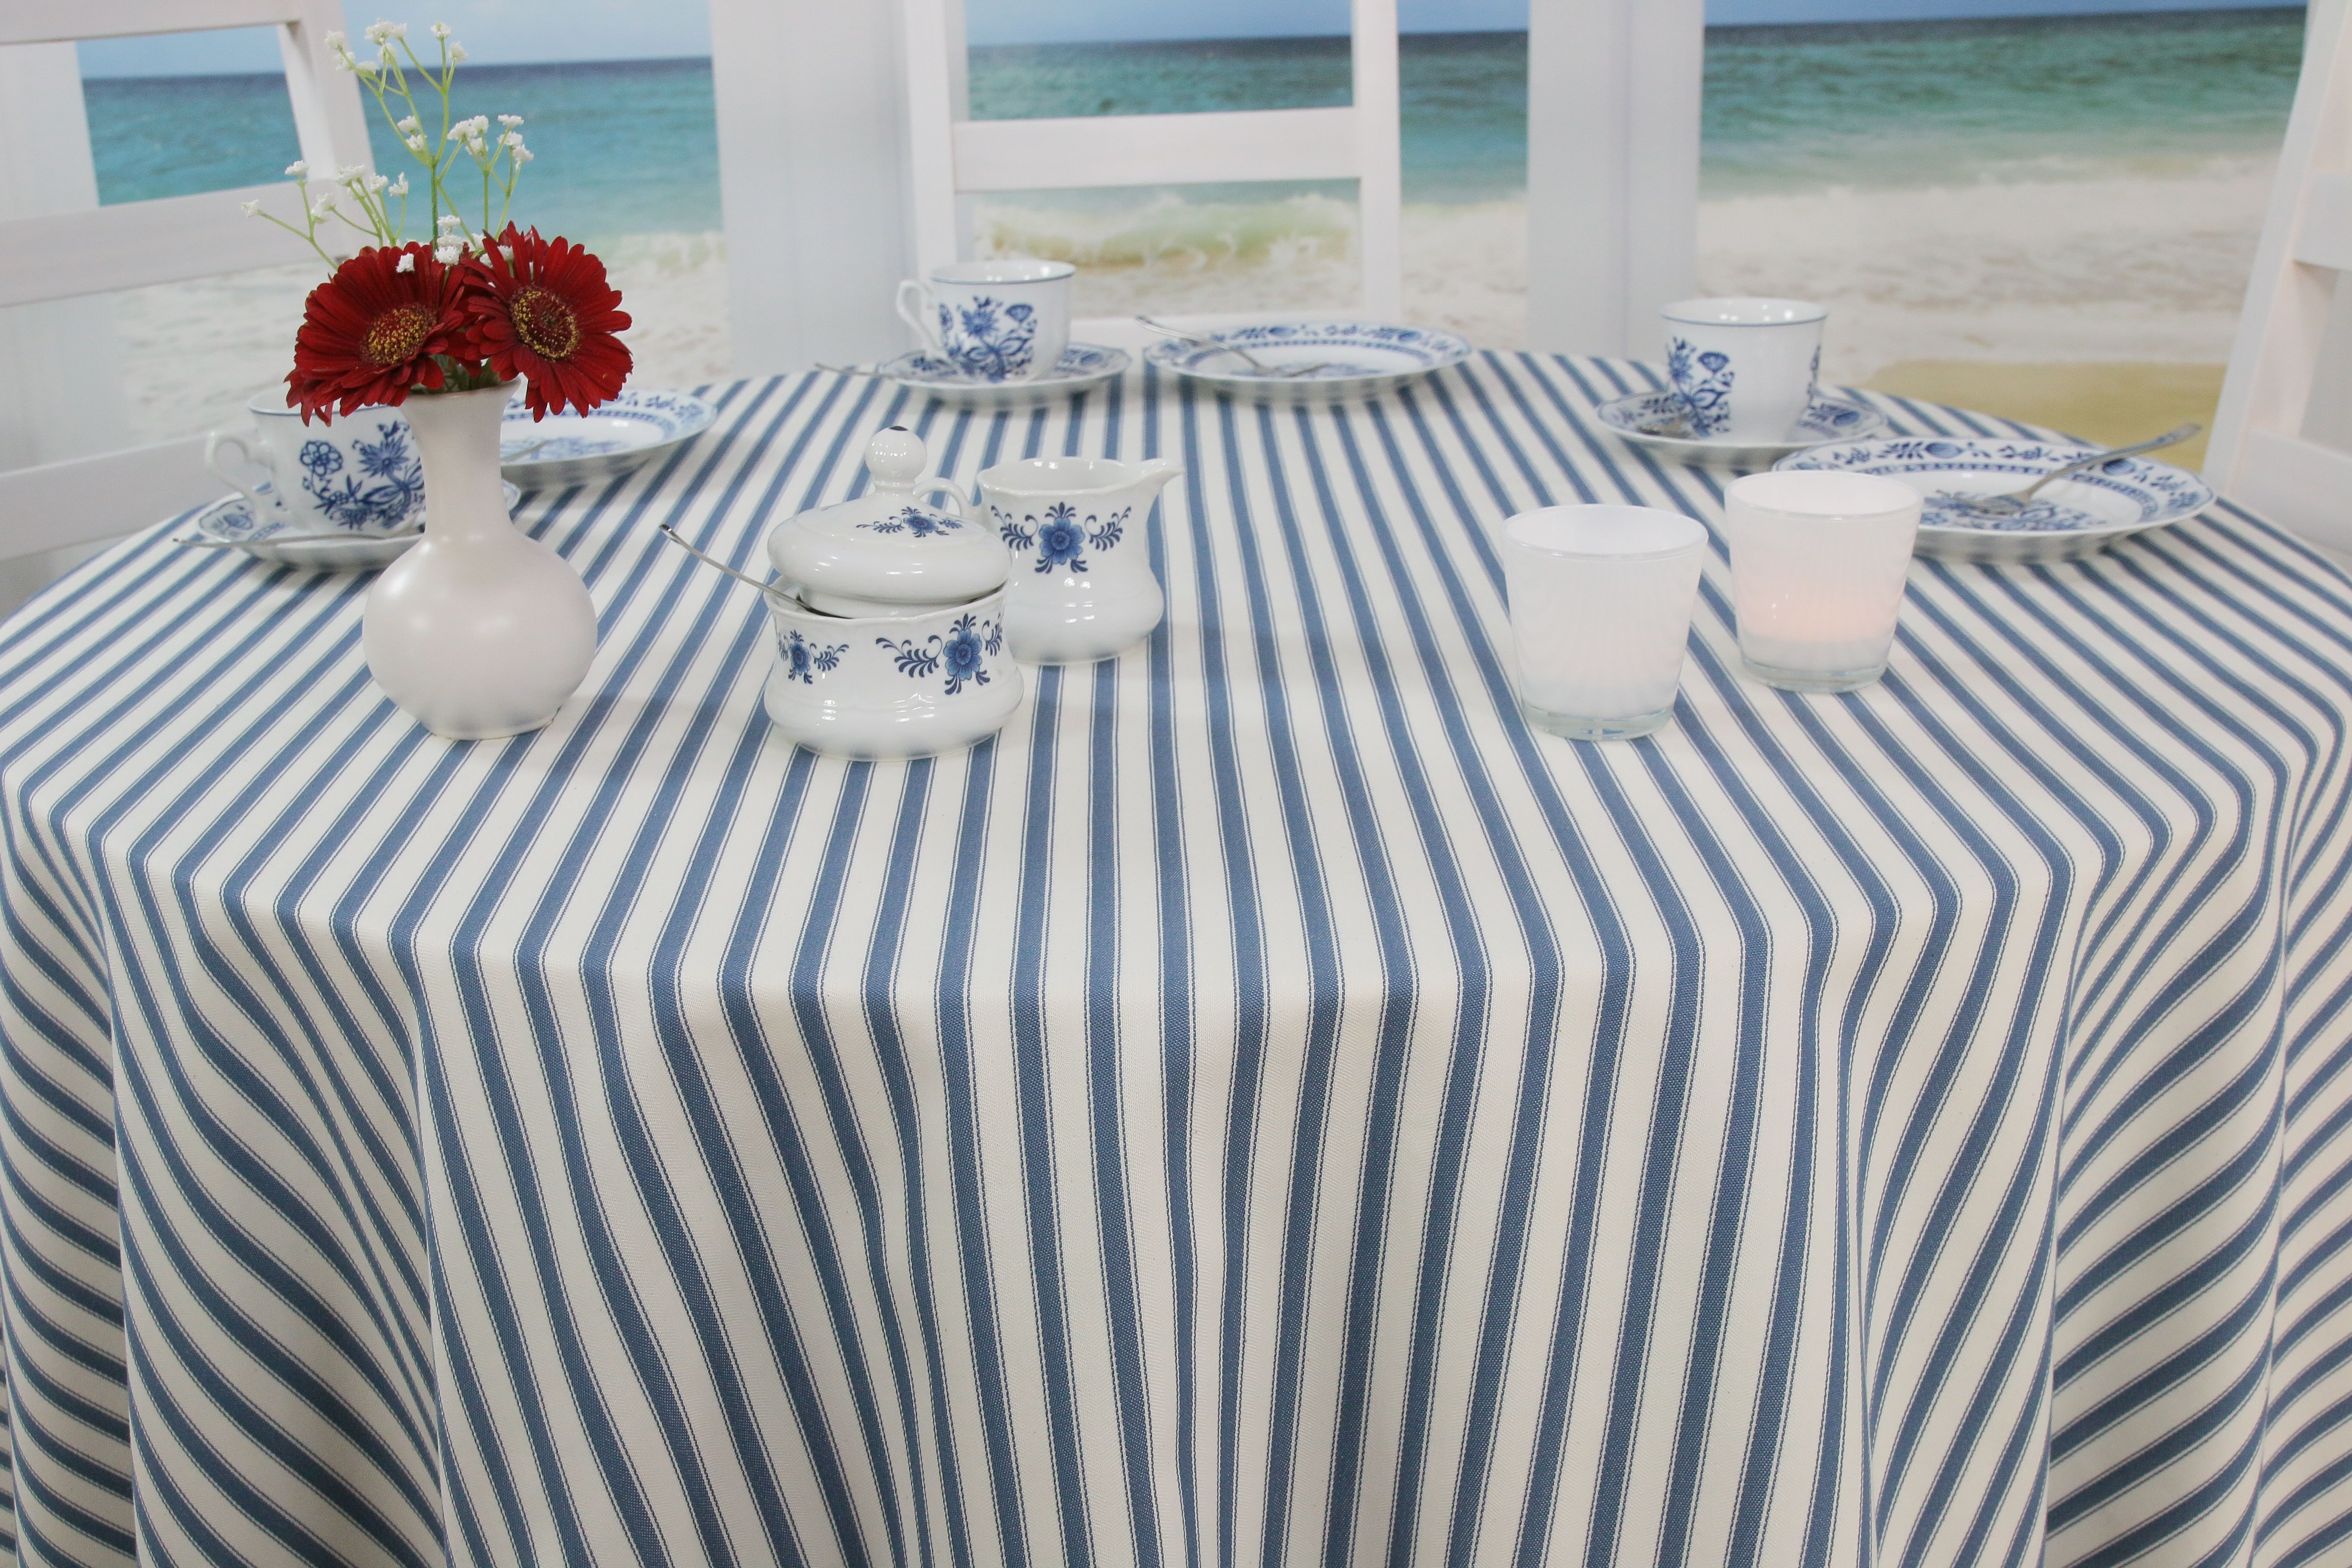 Die Runde Tischdecke Friesland Hat Durch Ihre Schmalen Streifen Ein Frisches Nordisches Design Runde Tischdecke Tischdecke Decke